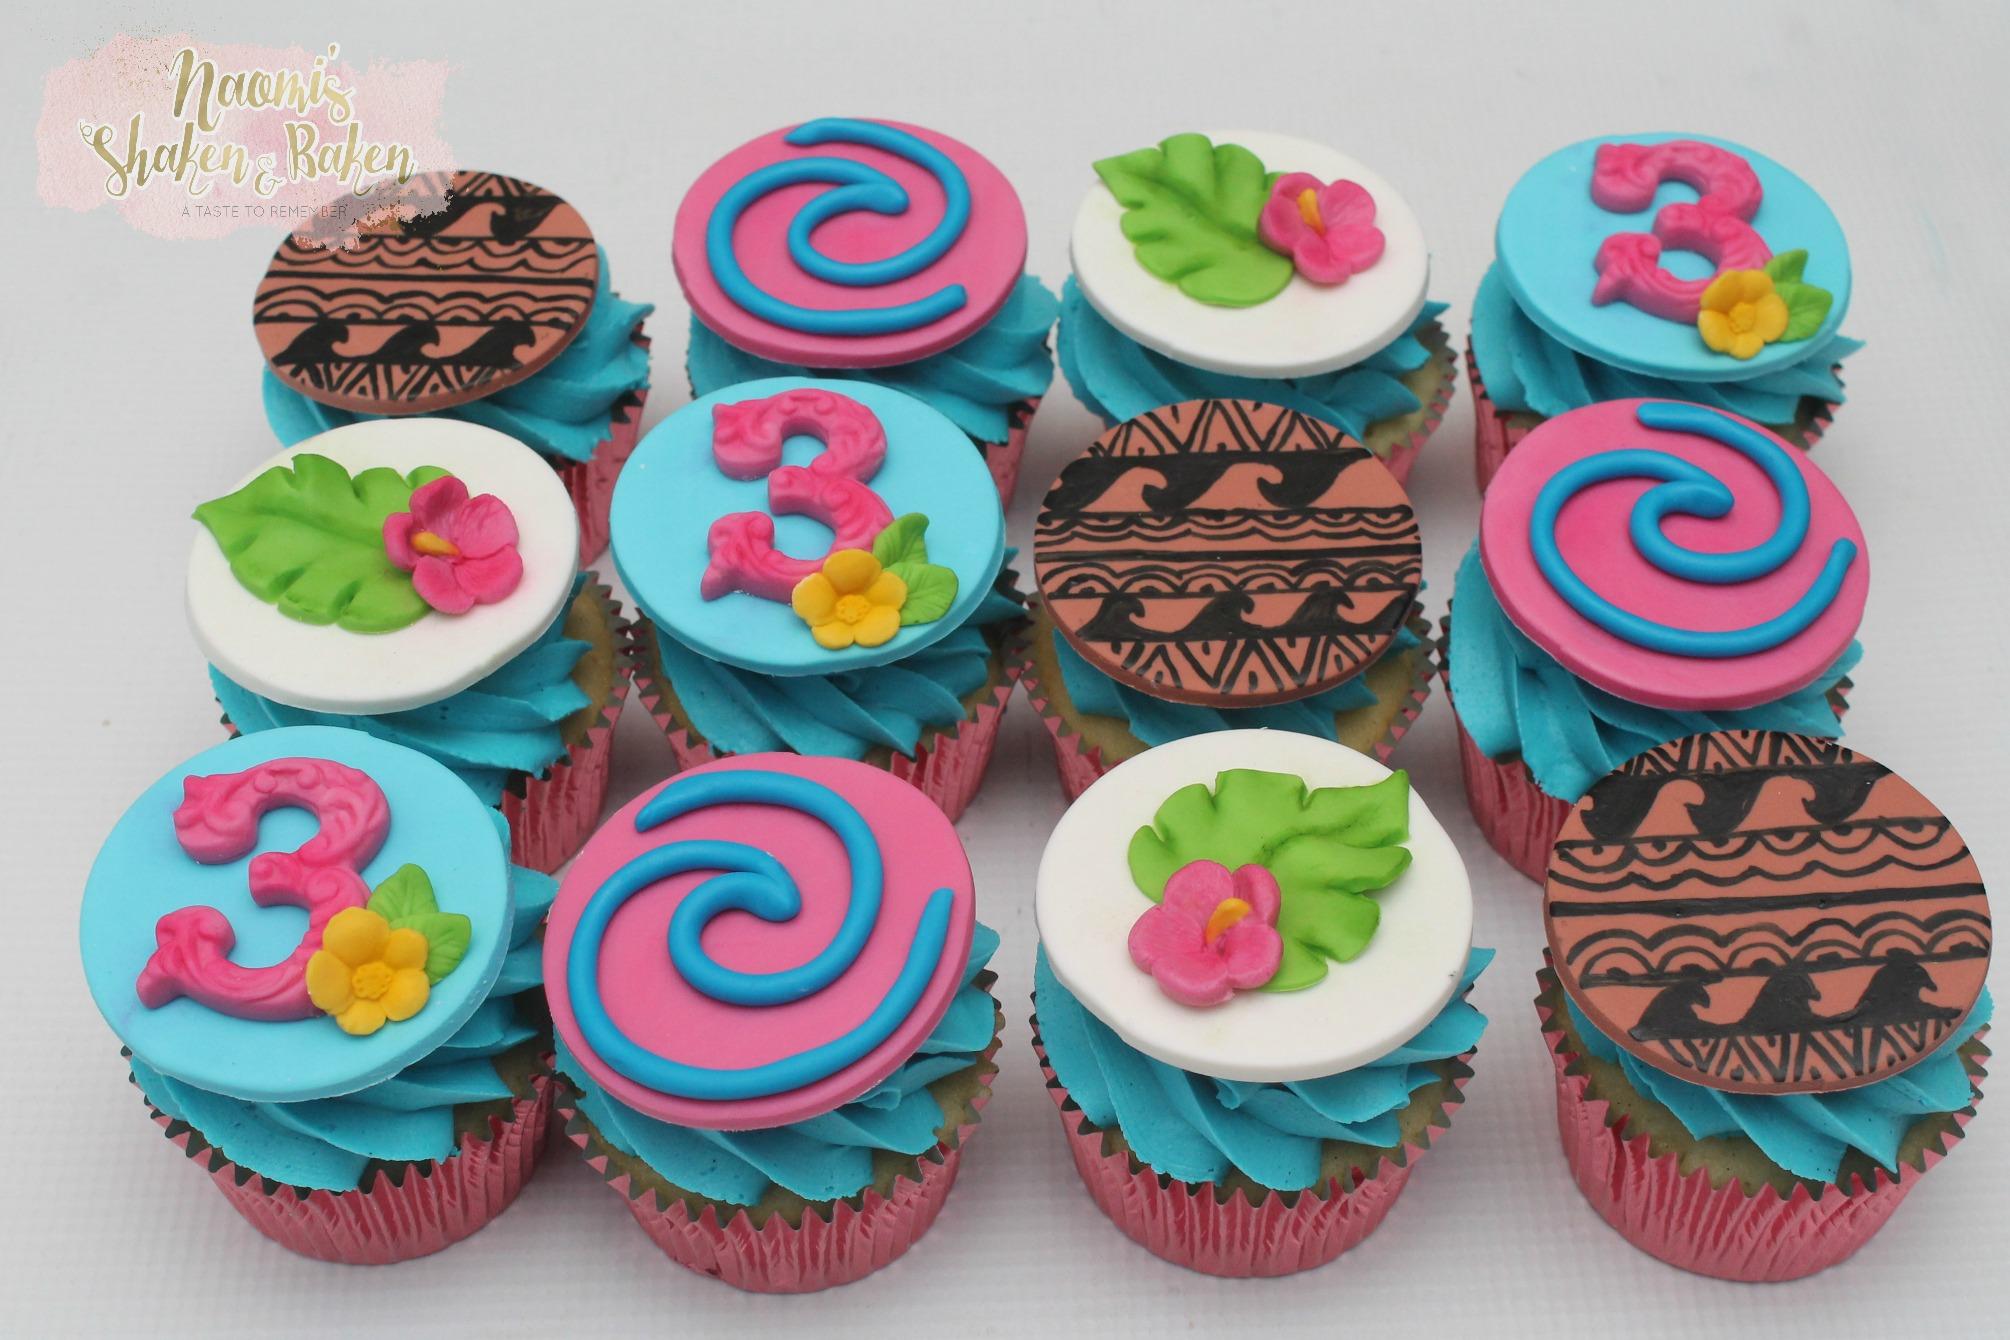 Moana themed cupcakes